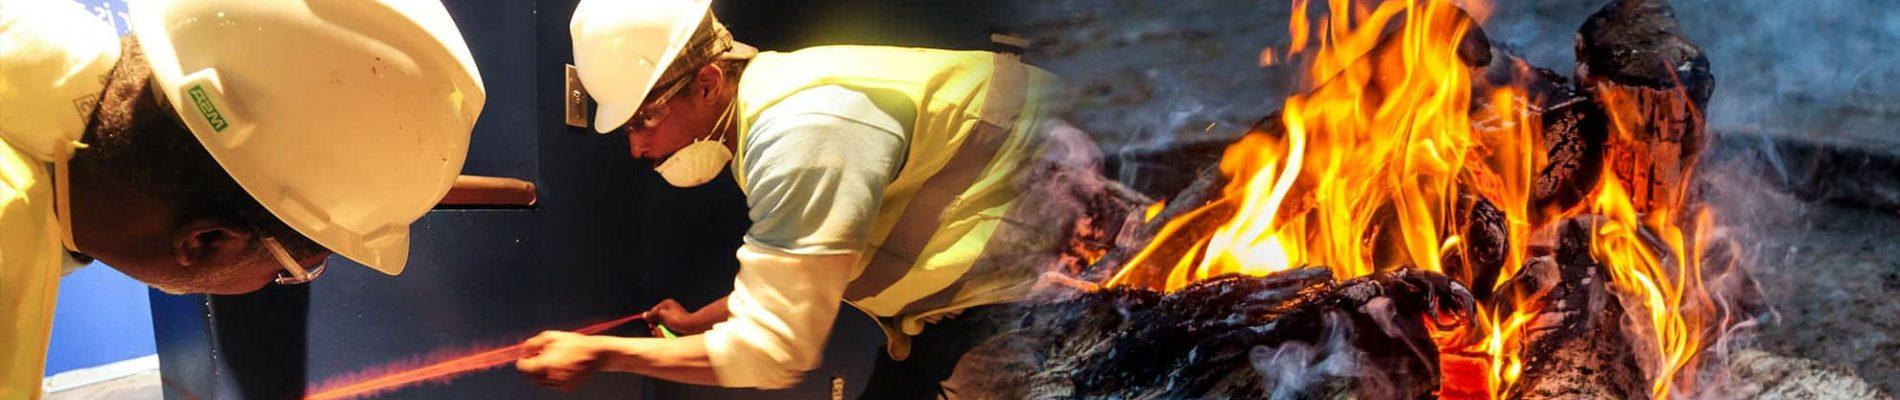 smfireandwater-restoration-fire-restoration-service